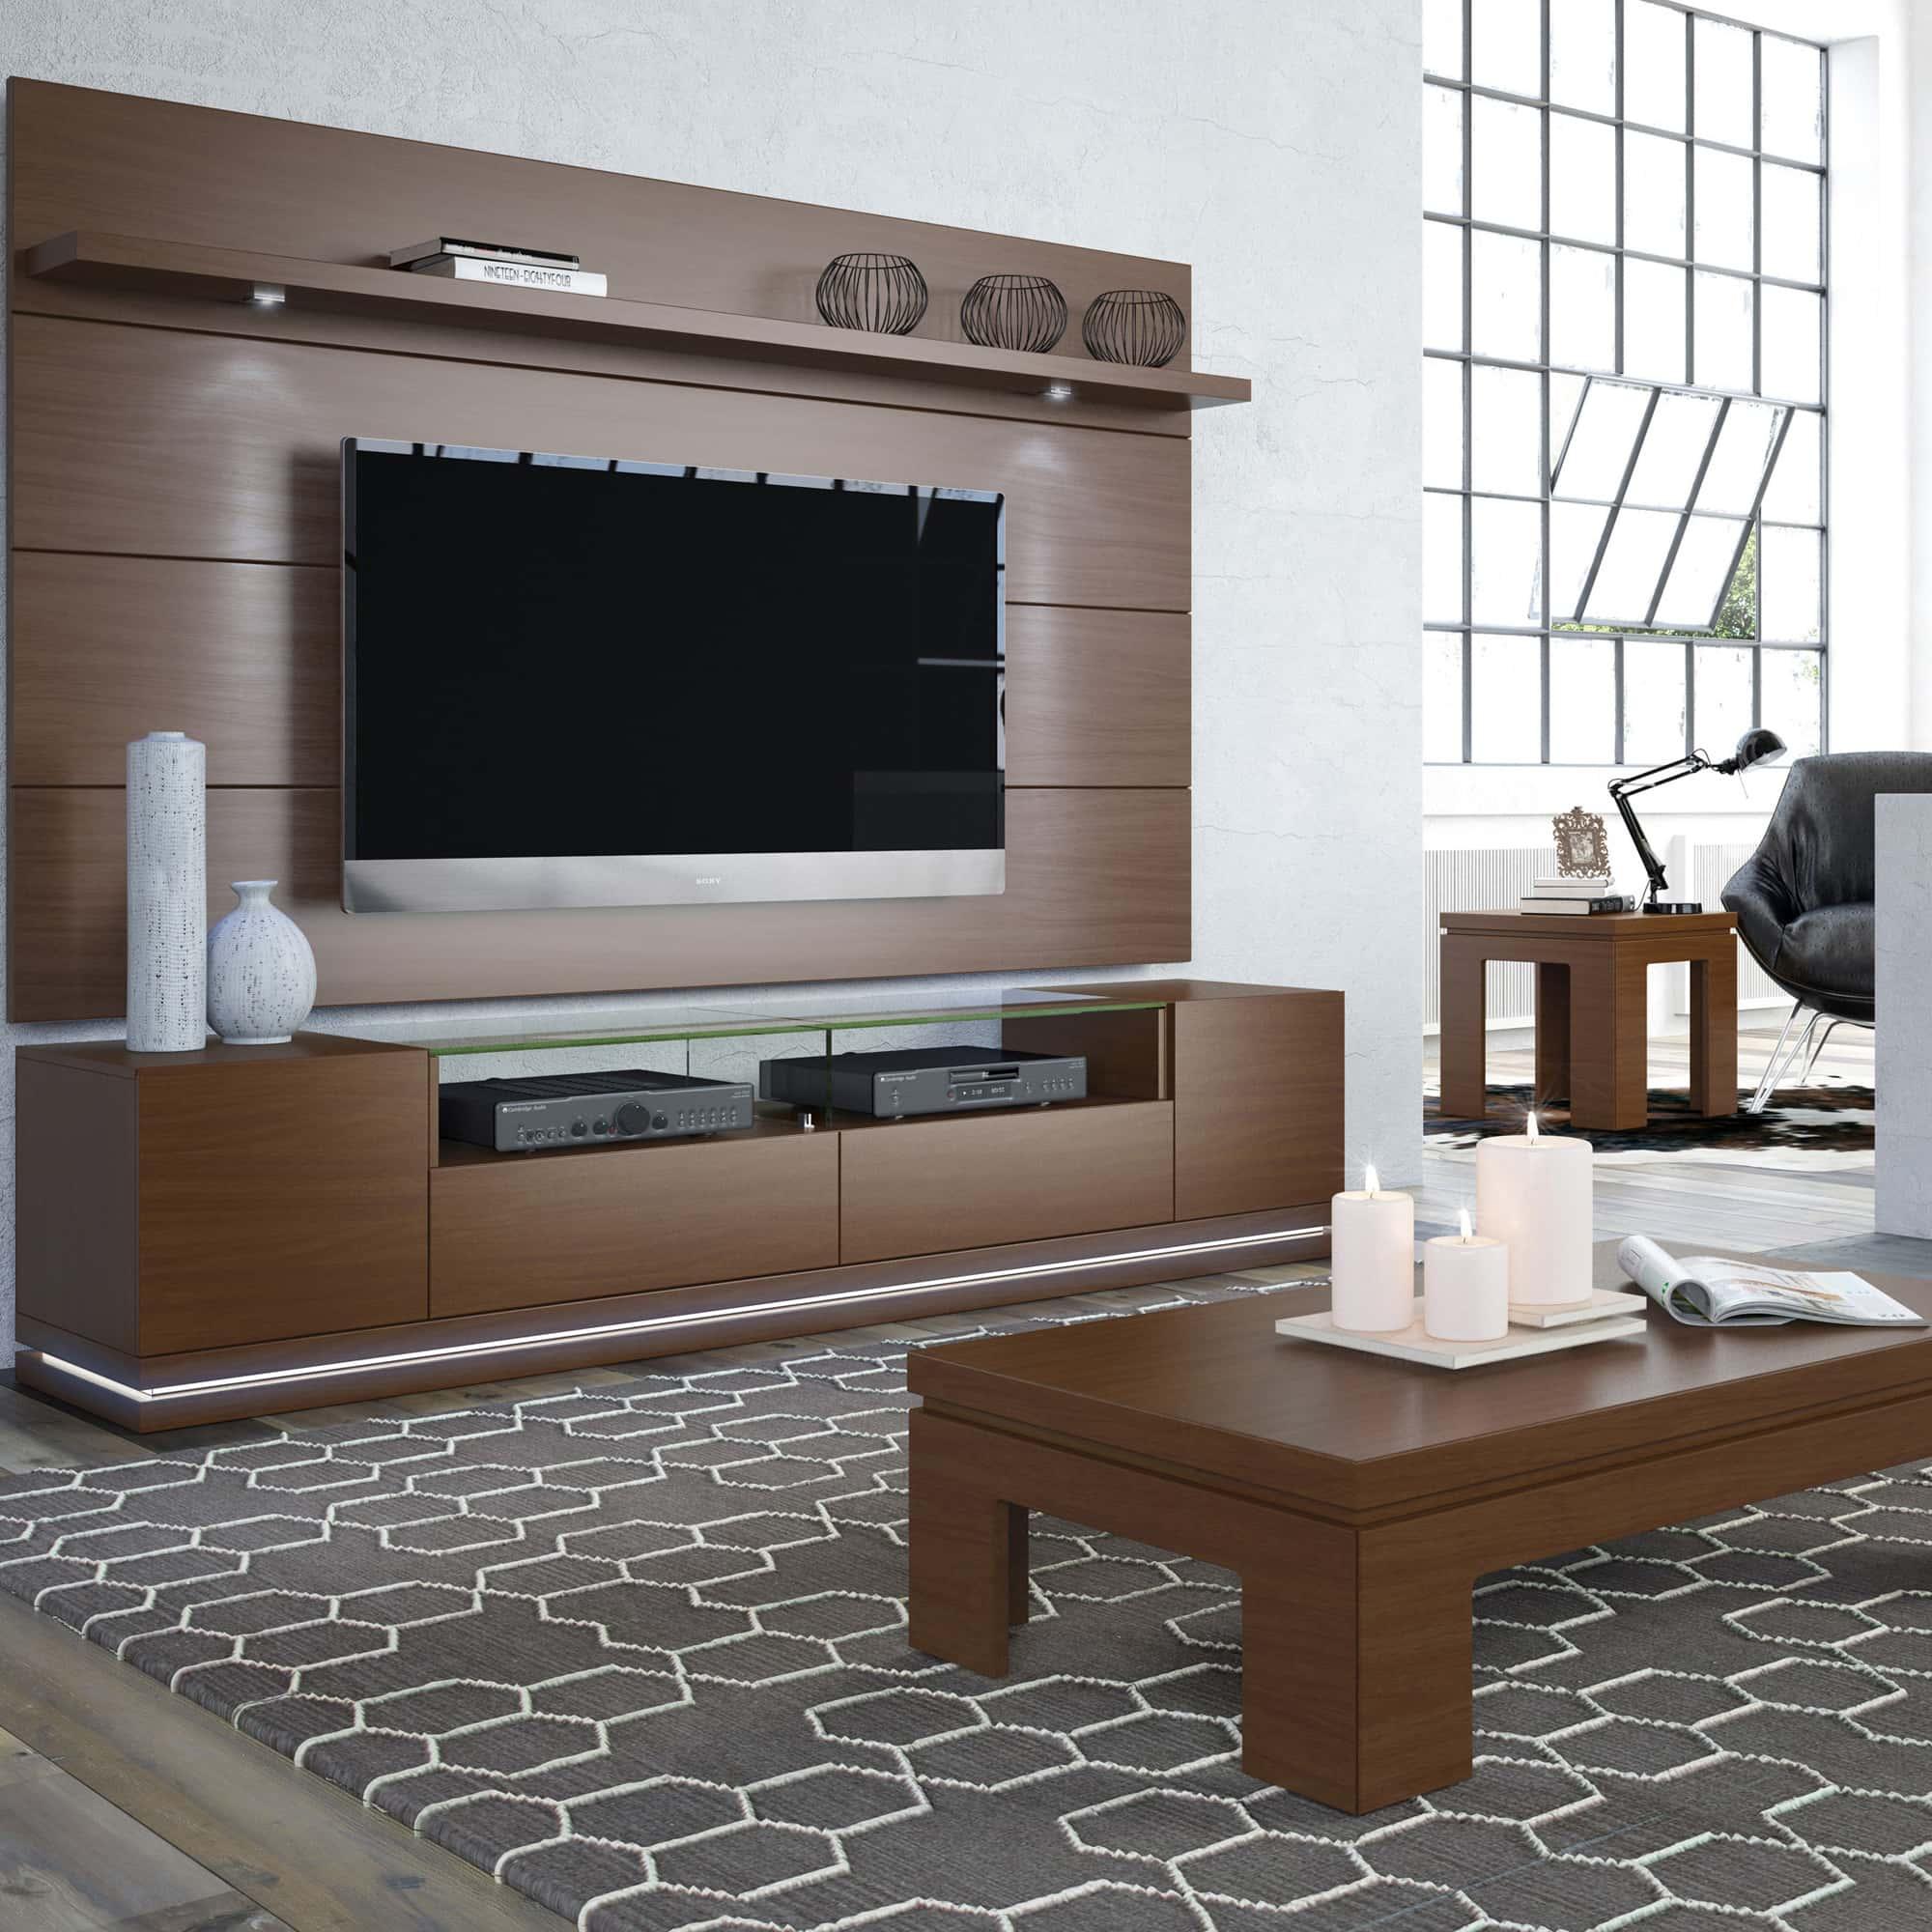 Vanderbilt Nut Brown TV Stand U0026 Cabrini 2.2 Floating Wall TV Panel W/LED  Lights